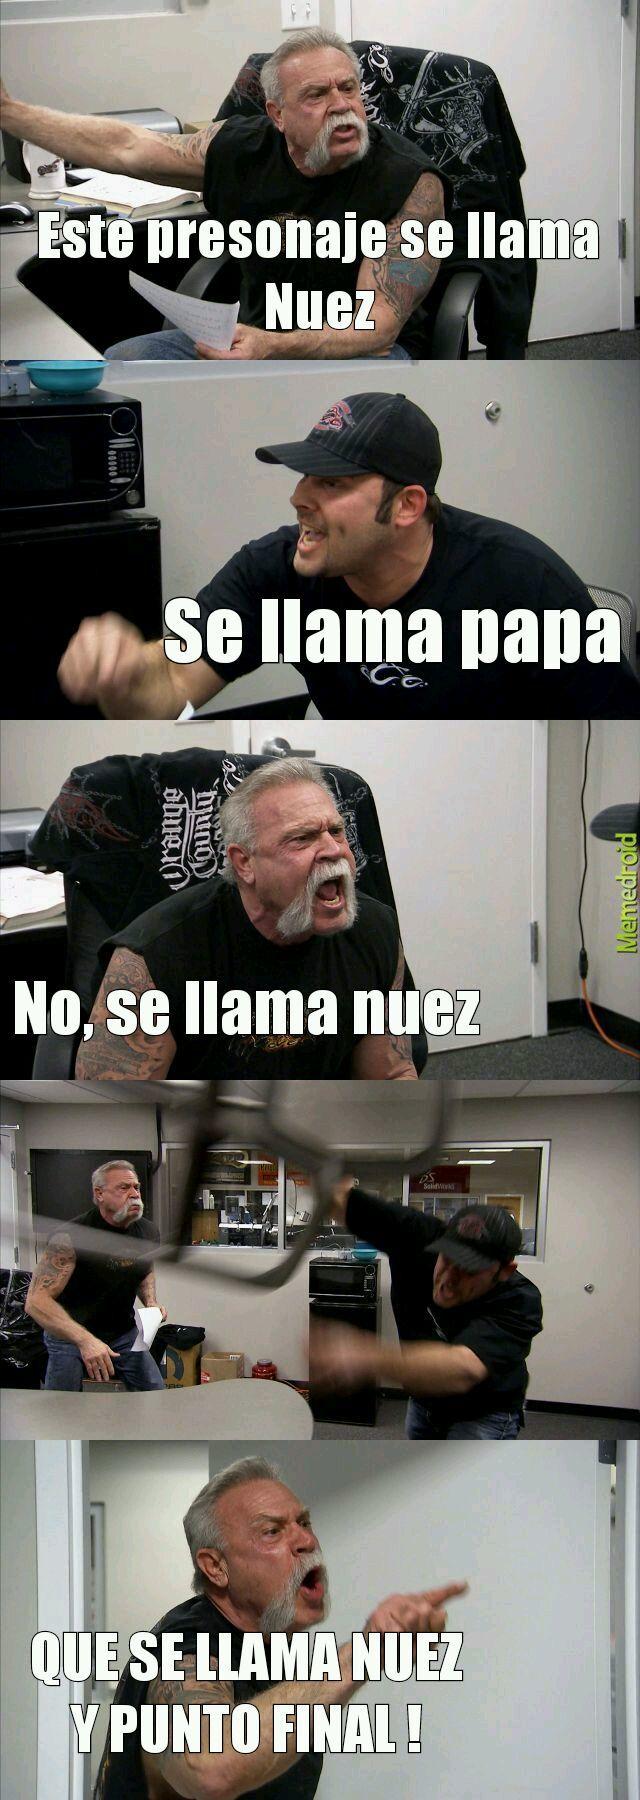 ES UNA MALDITA NUEZ AAAAAAH - meme